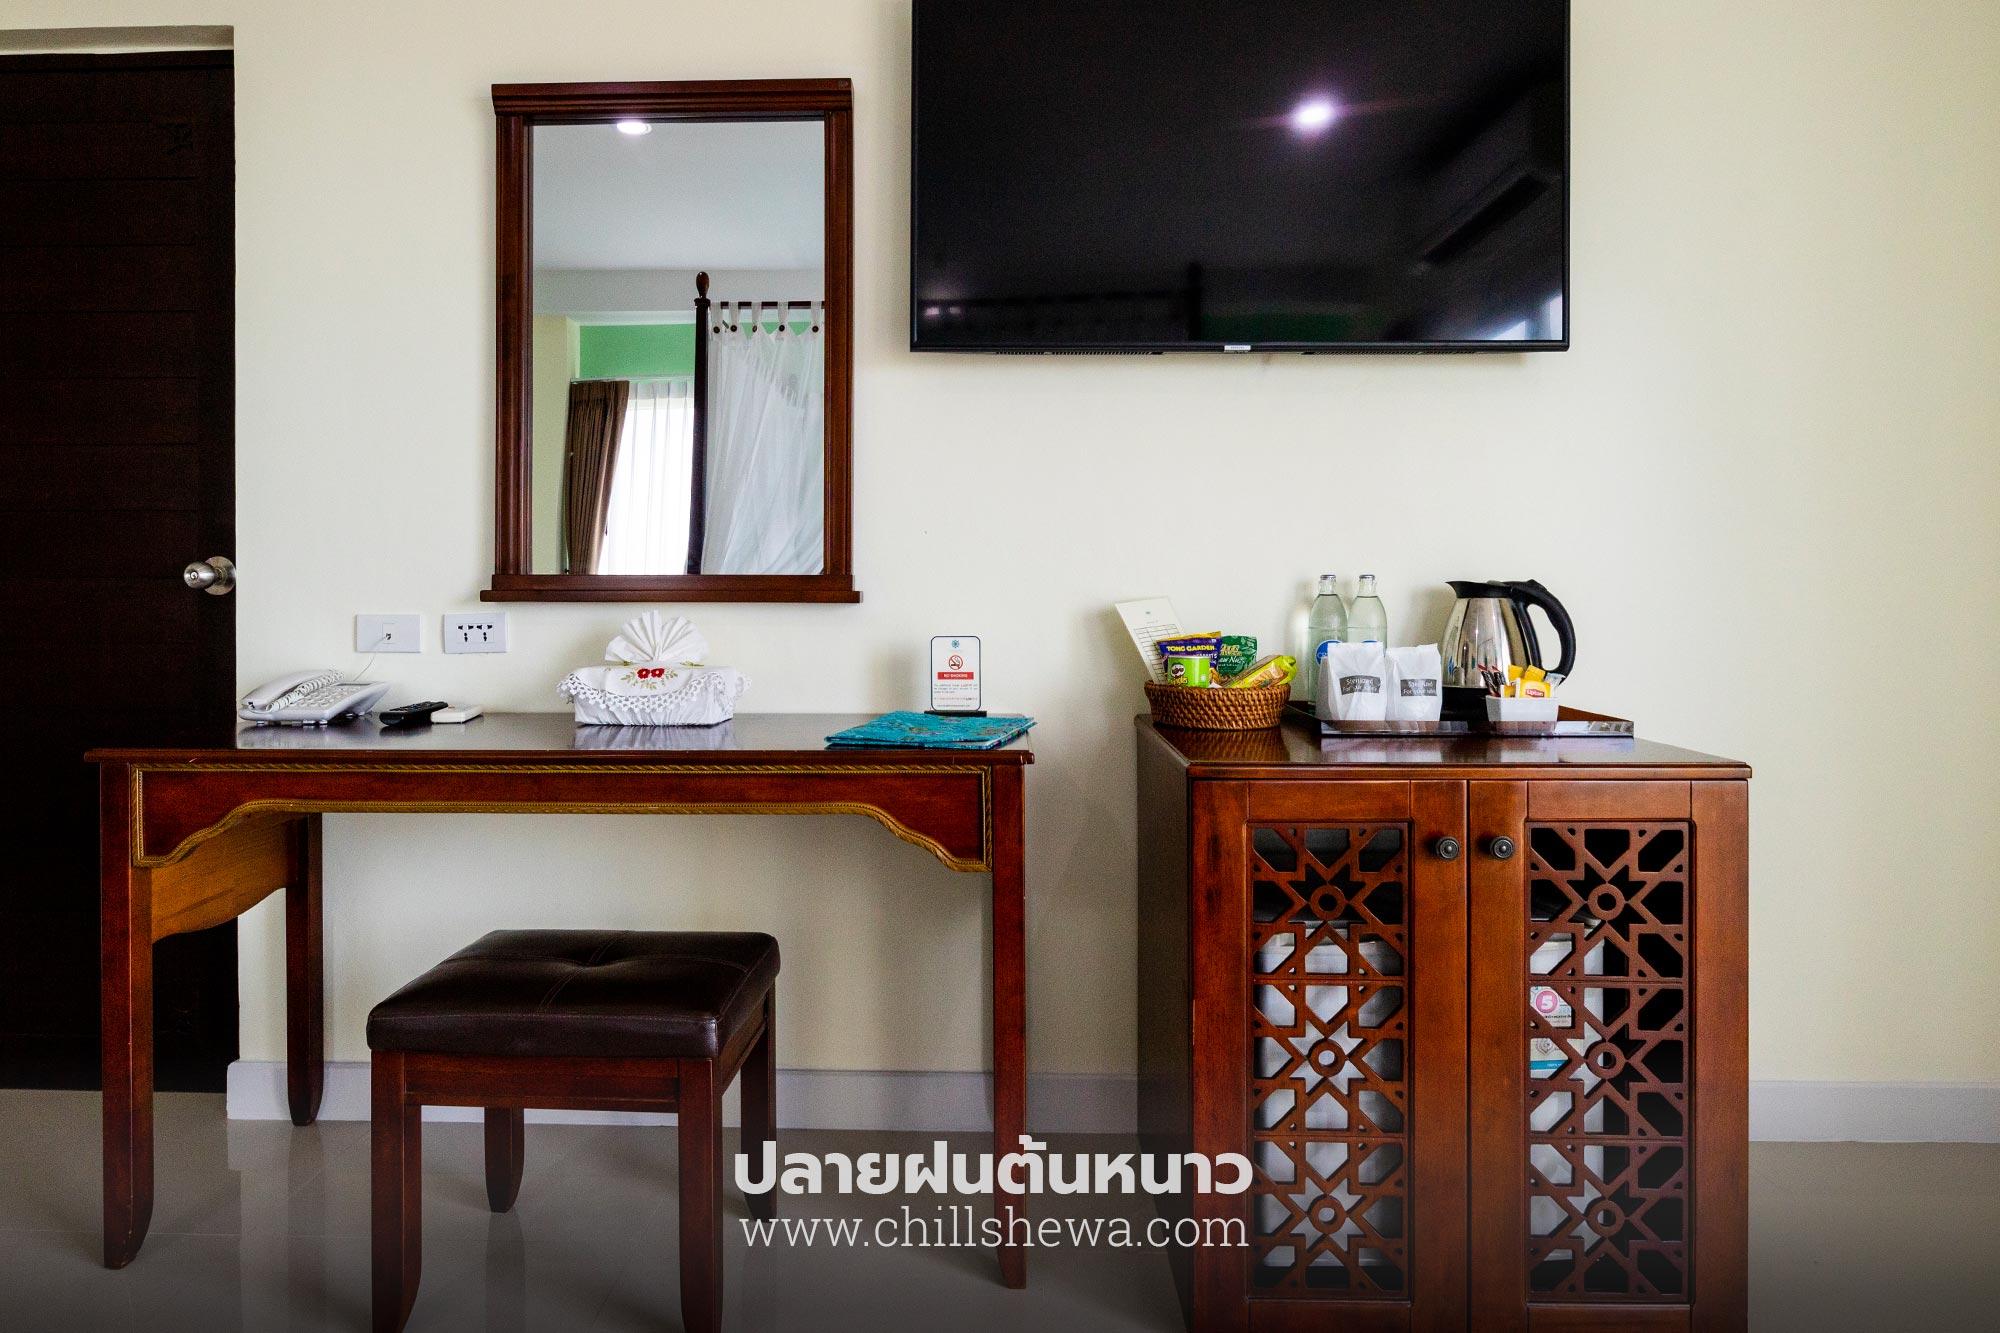 Krabi Front Bay Resort กระบี่ ฟร้อนท์ เบย์ รีสอร์ท krabi front bay resort Krabi Front Bay Resort กระบี่ ฟร้อนท์ เบย์ รีสอร์ท Krabi Front Bay Resort 11